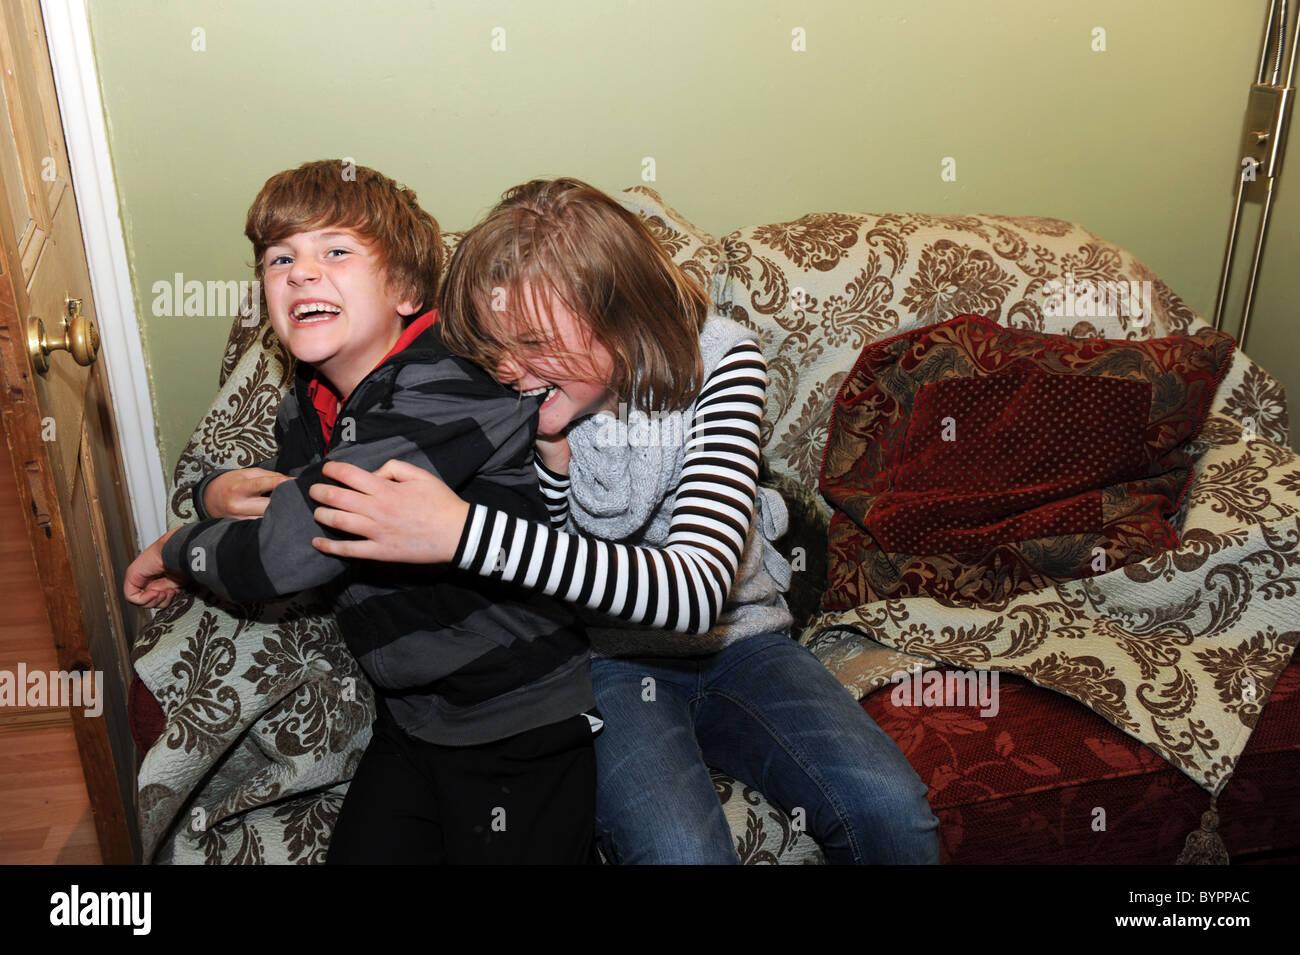 Una hermana y un hermano lucha en el salón modelo liberado Imagen De Stock